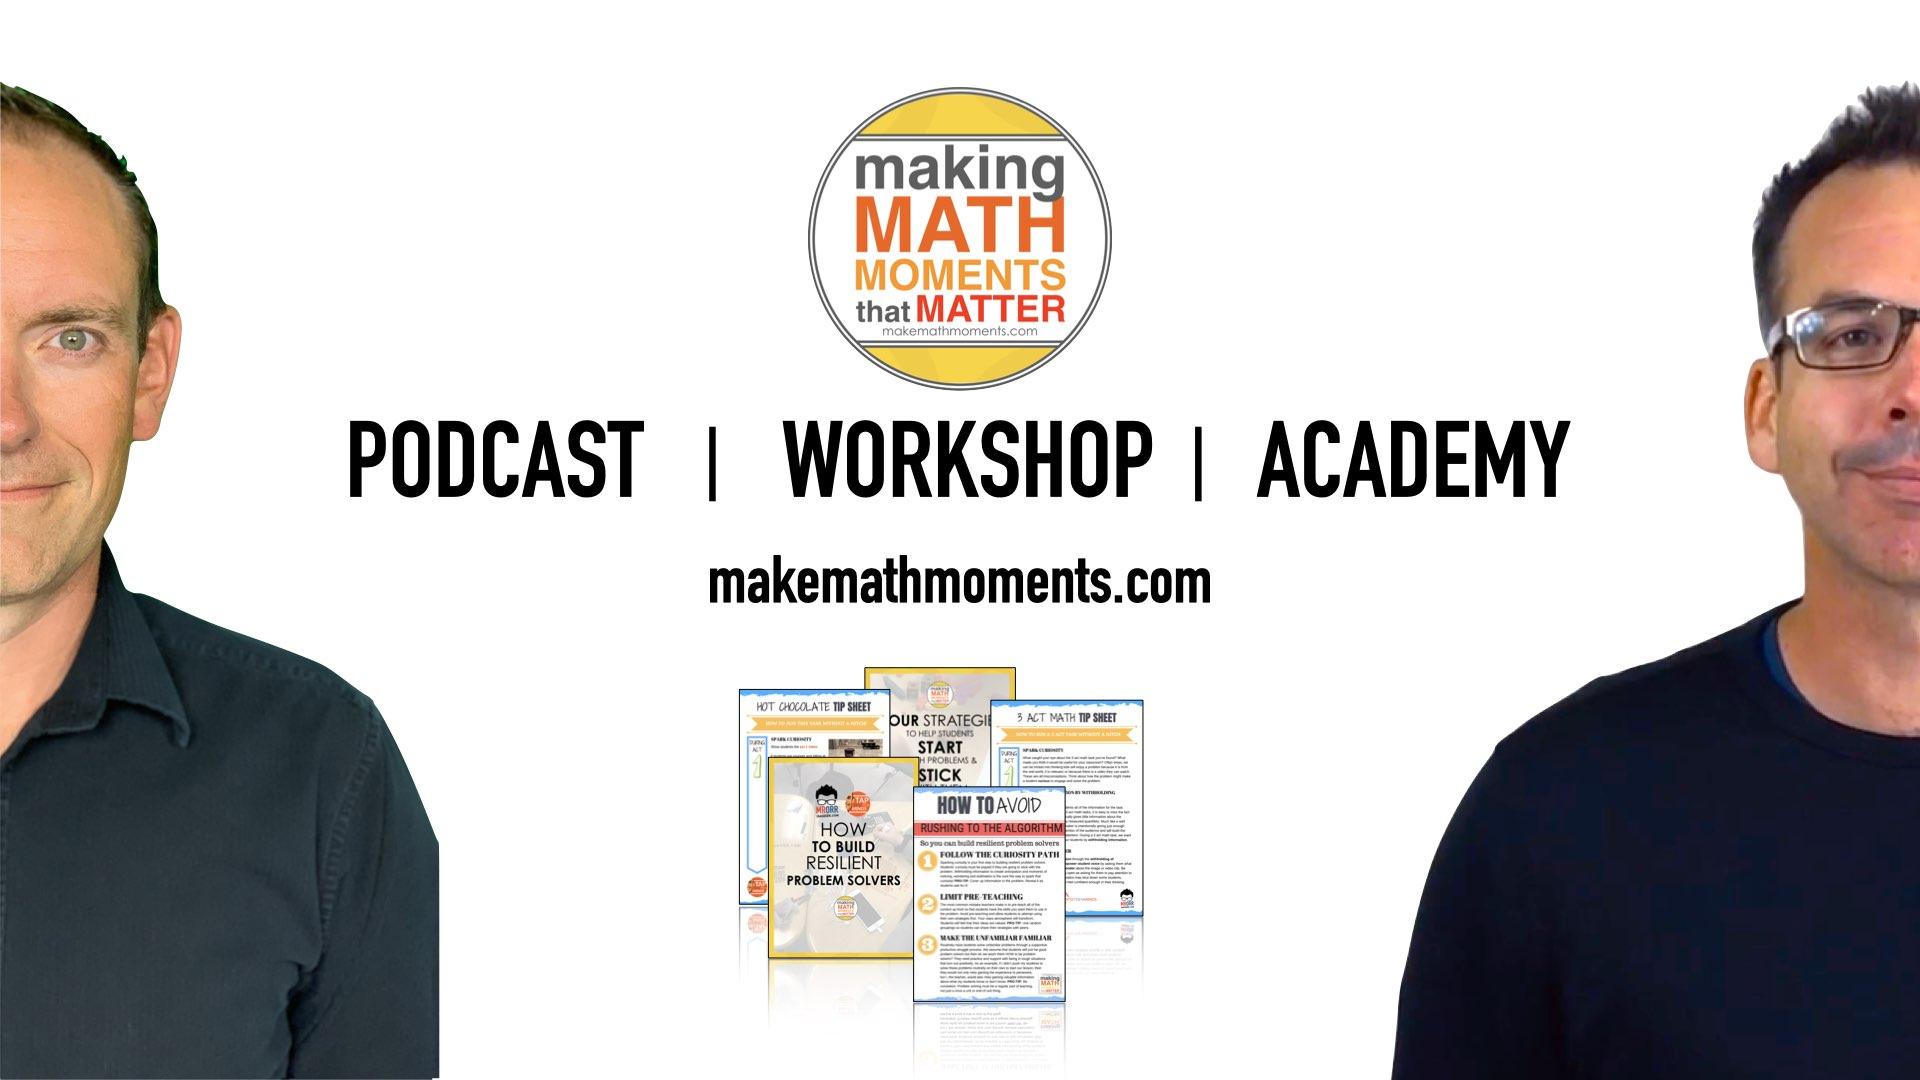 MMM Podcast Workshop Academy Image whitev2.001